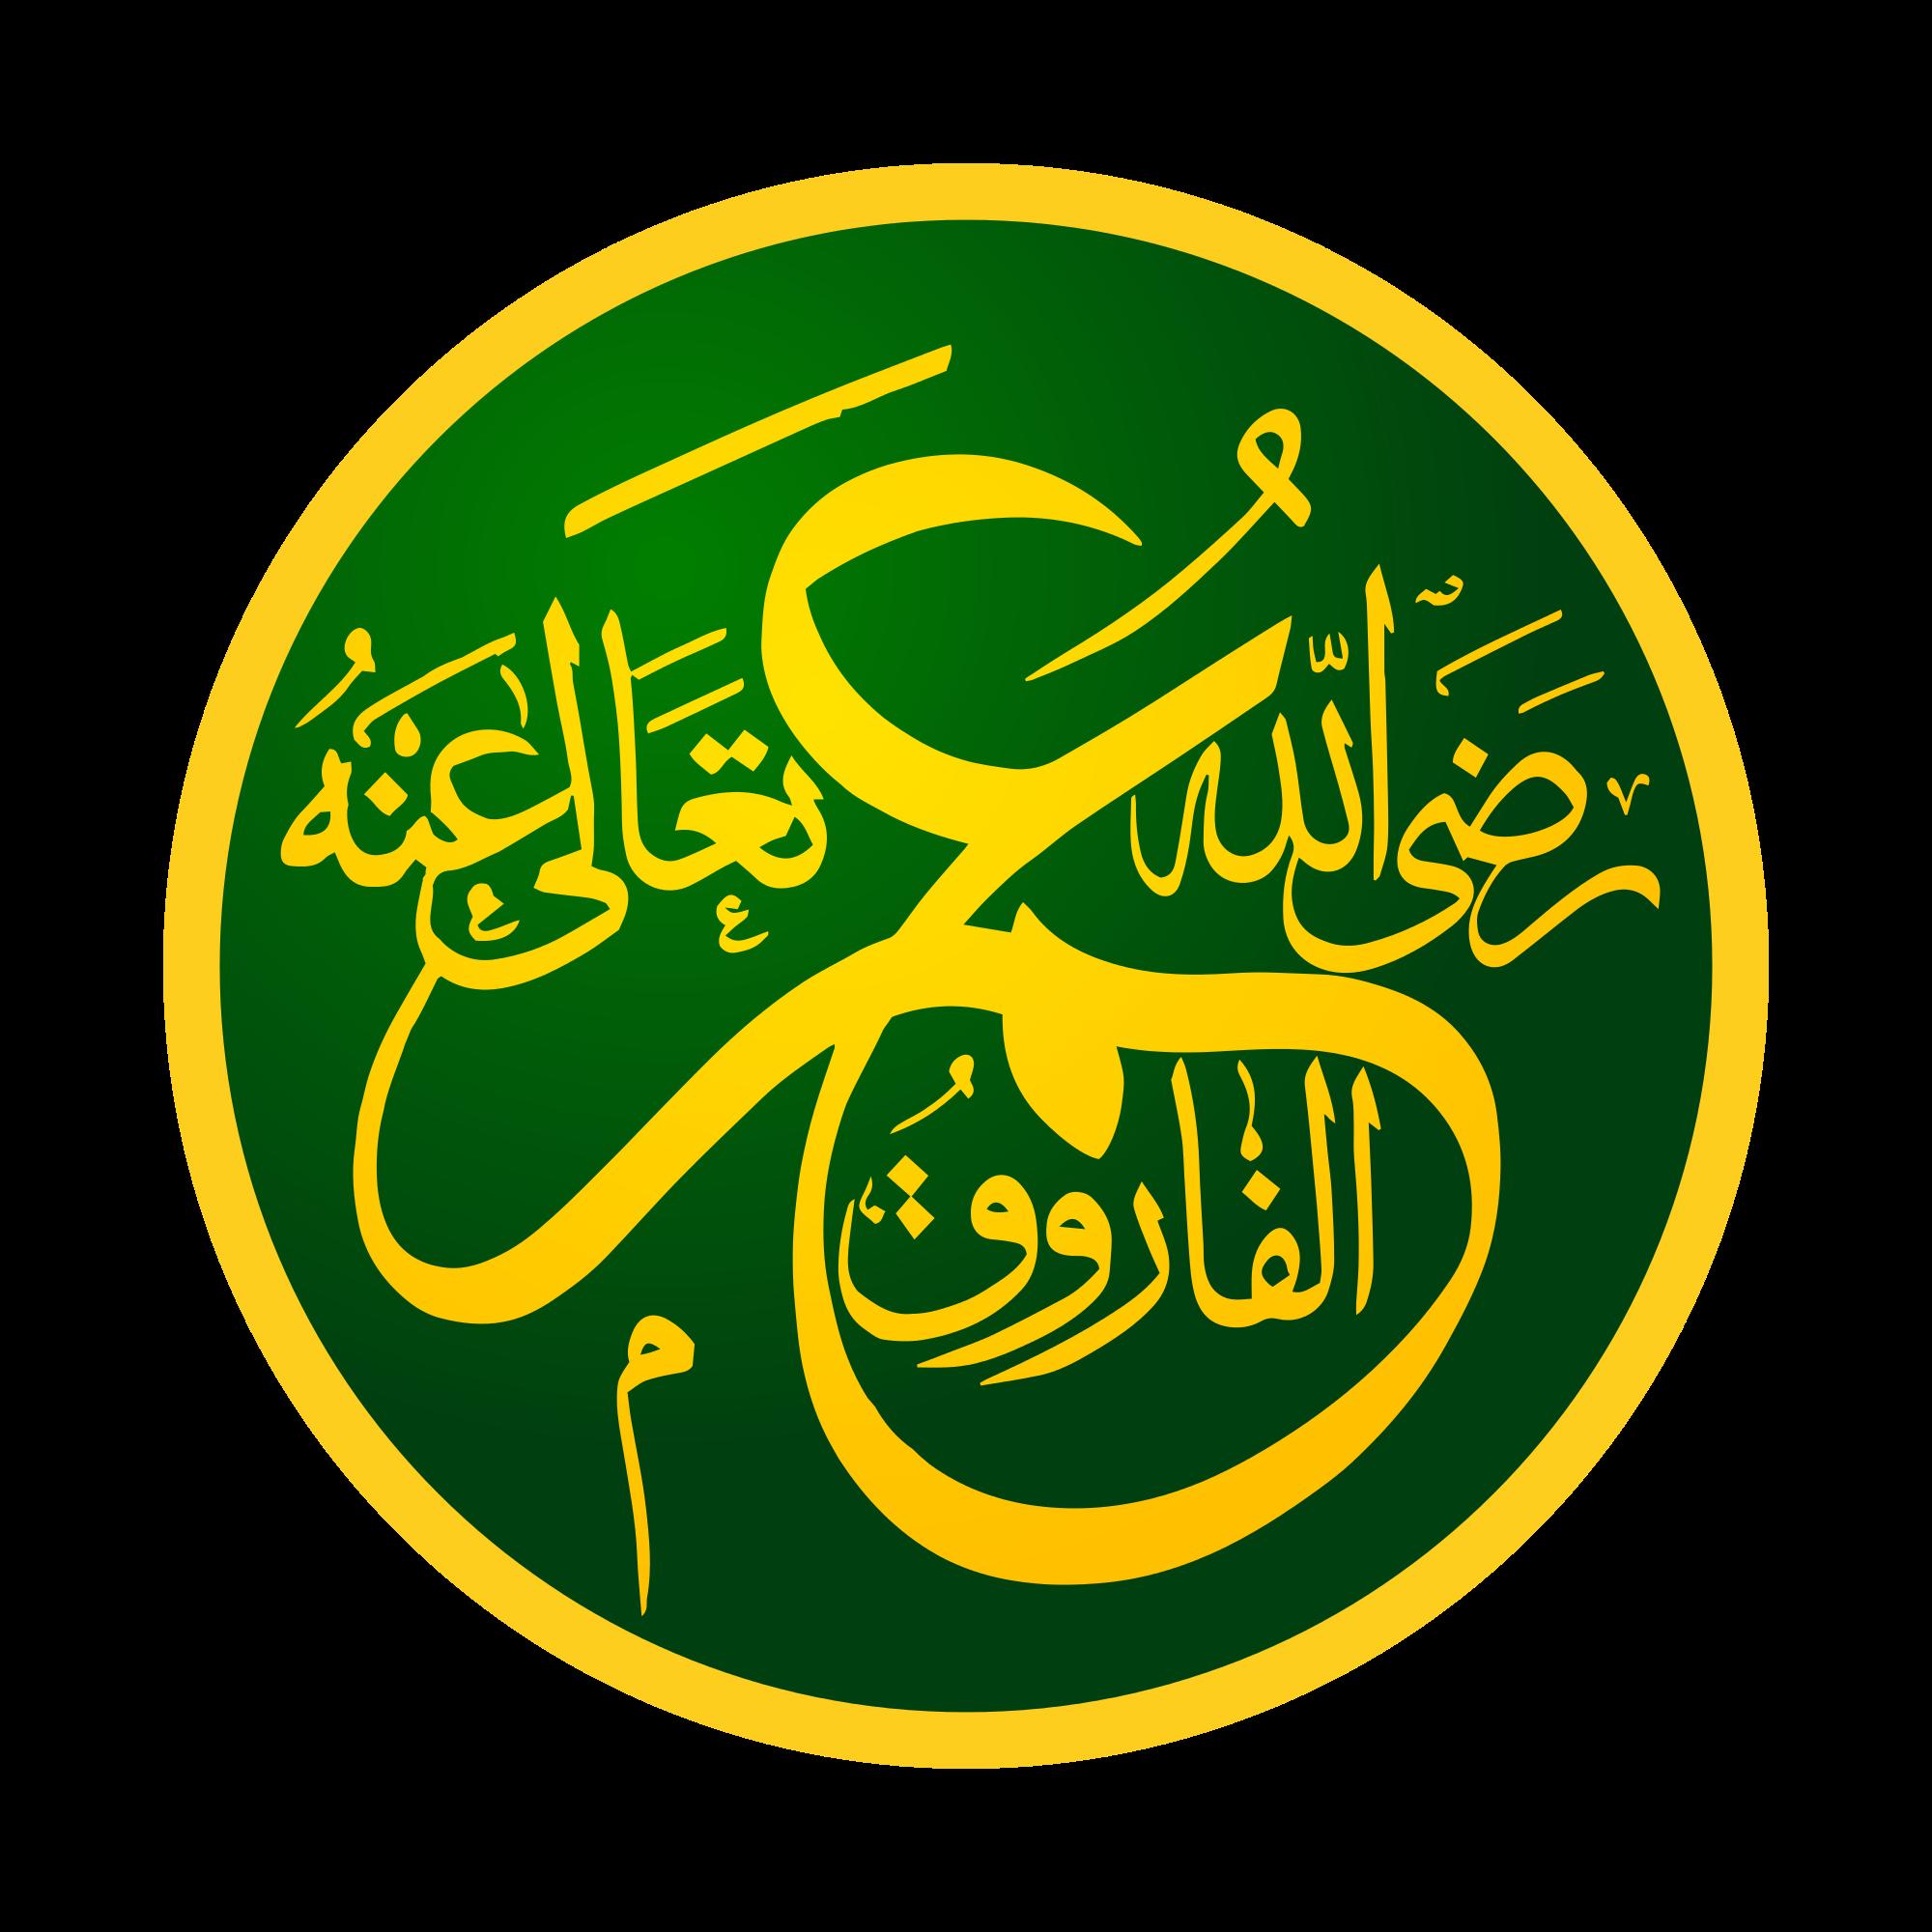 استشهاد عمر بن الخطاب Seni kaligrafi, Sahabat, Seni